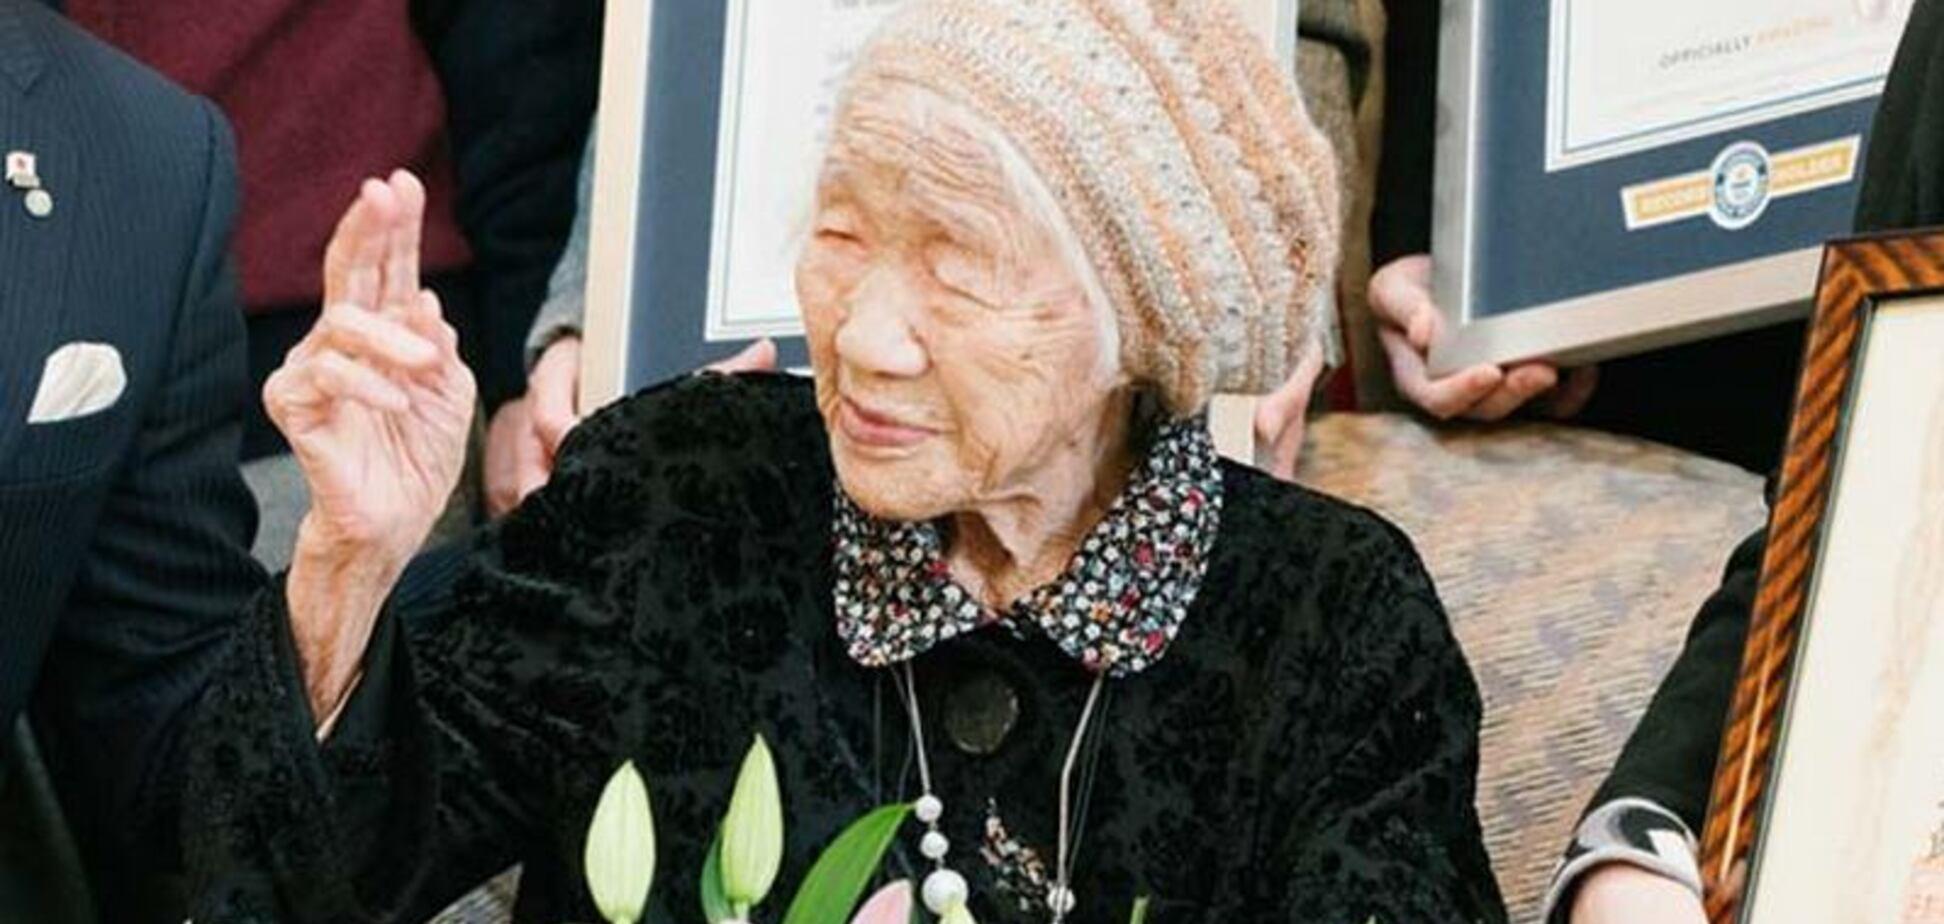 Найстарша жителька планети в 116 років потрапила до книги рекордів Гіннеса